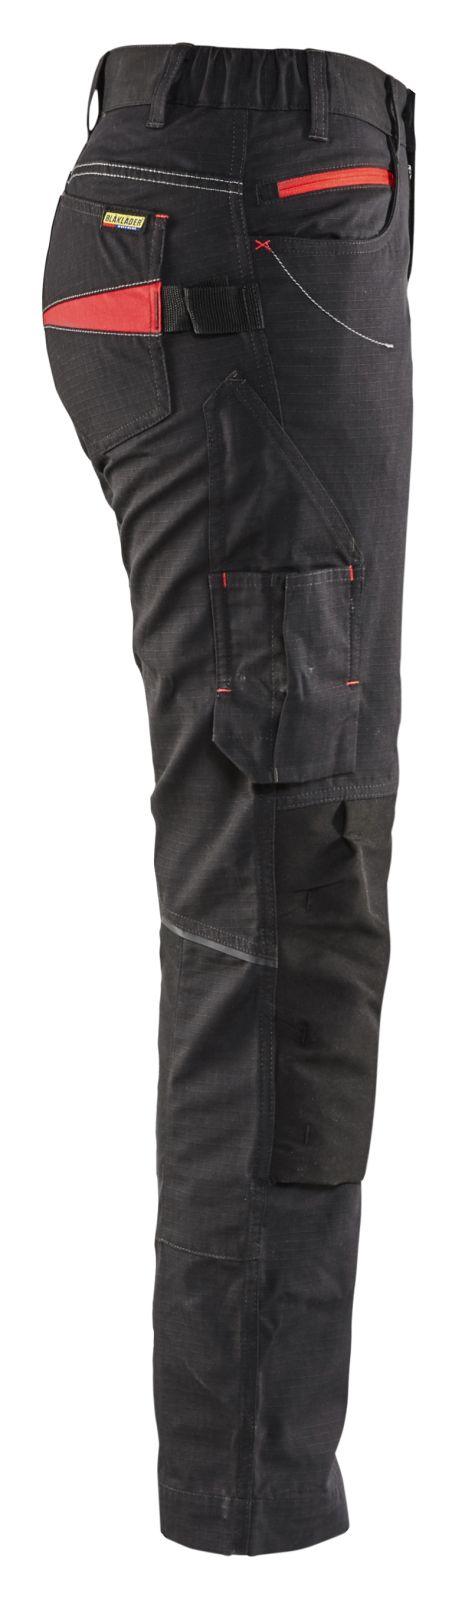 Blaklader Broeken 71951330 zwart-rood(9956)